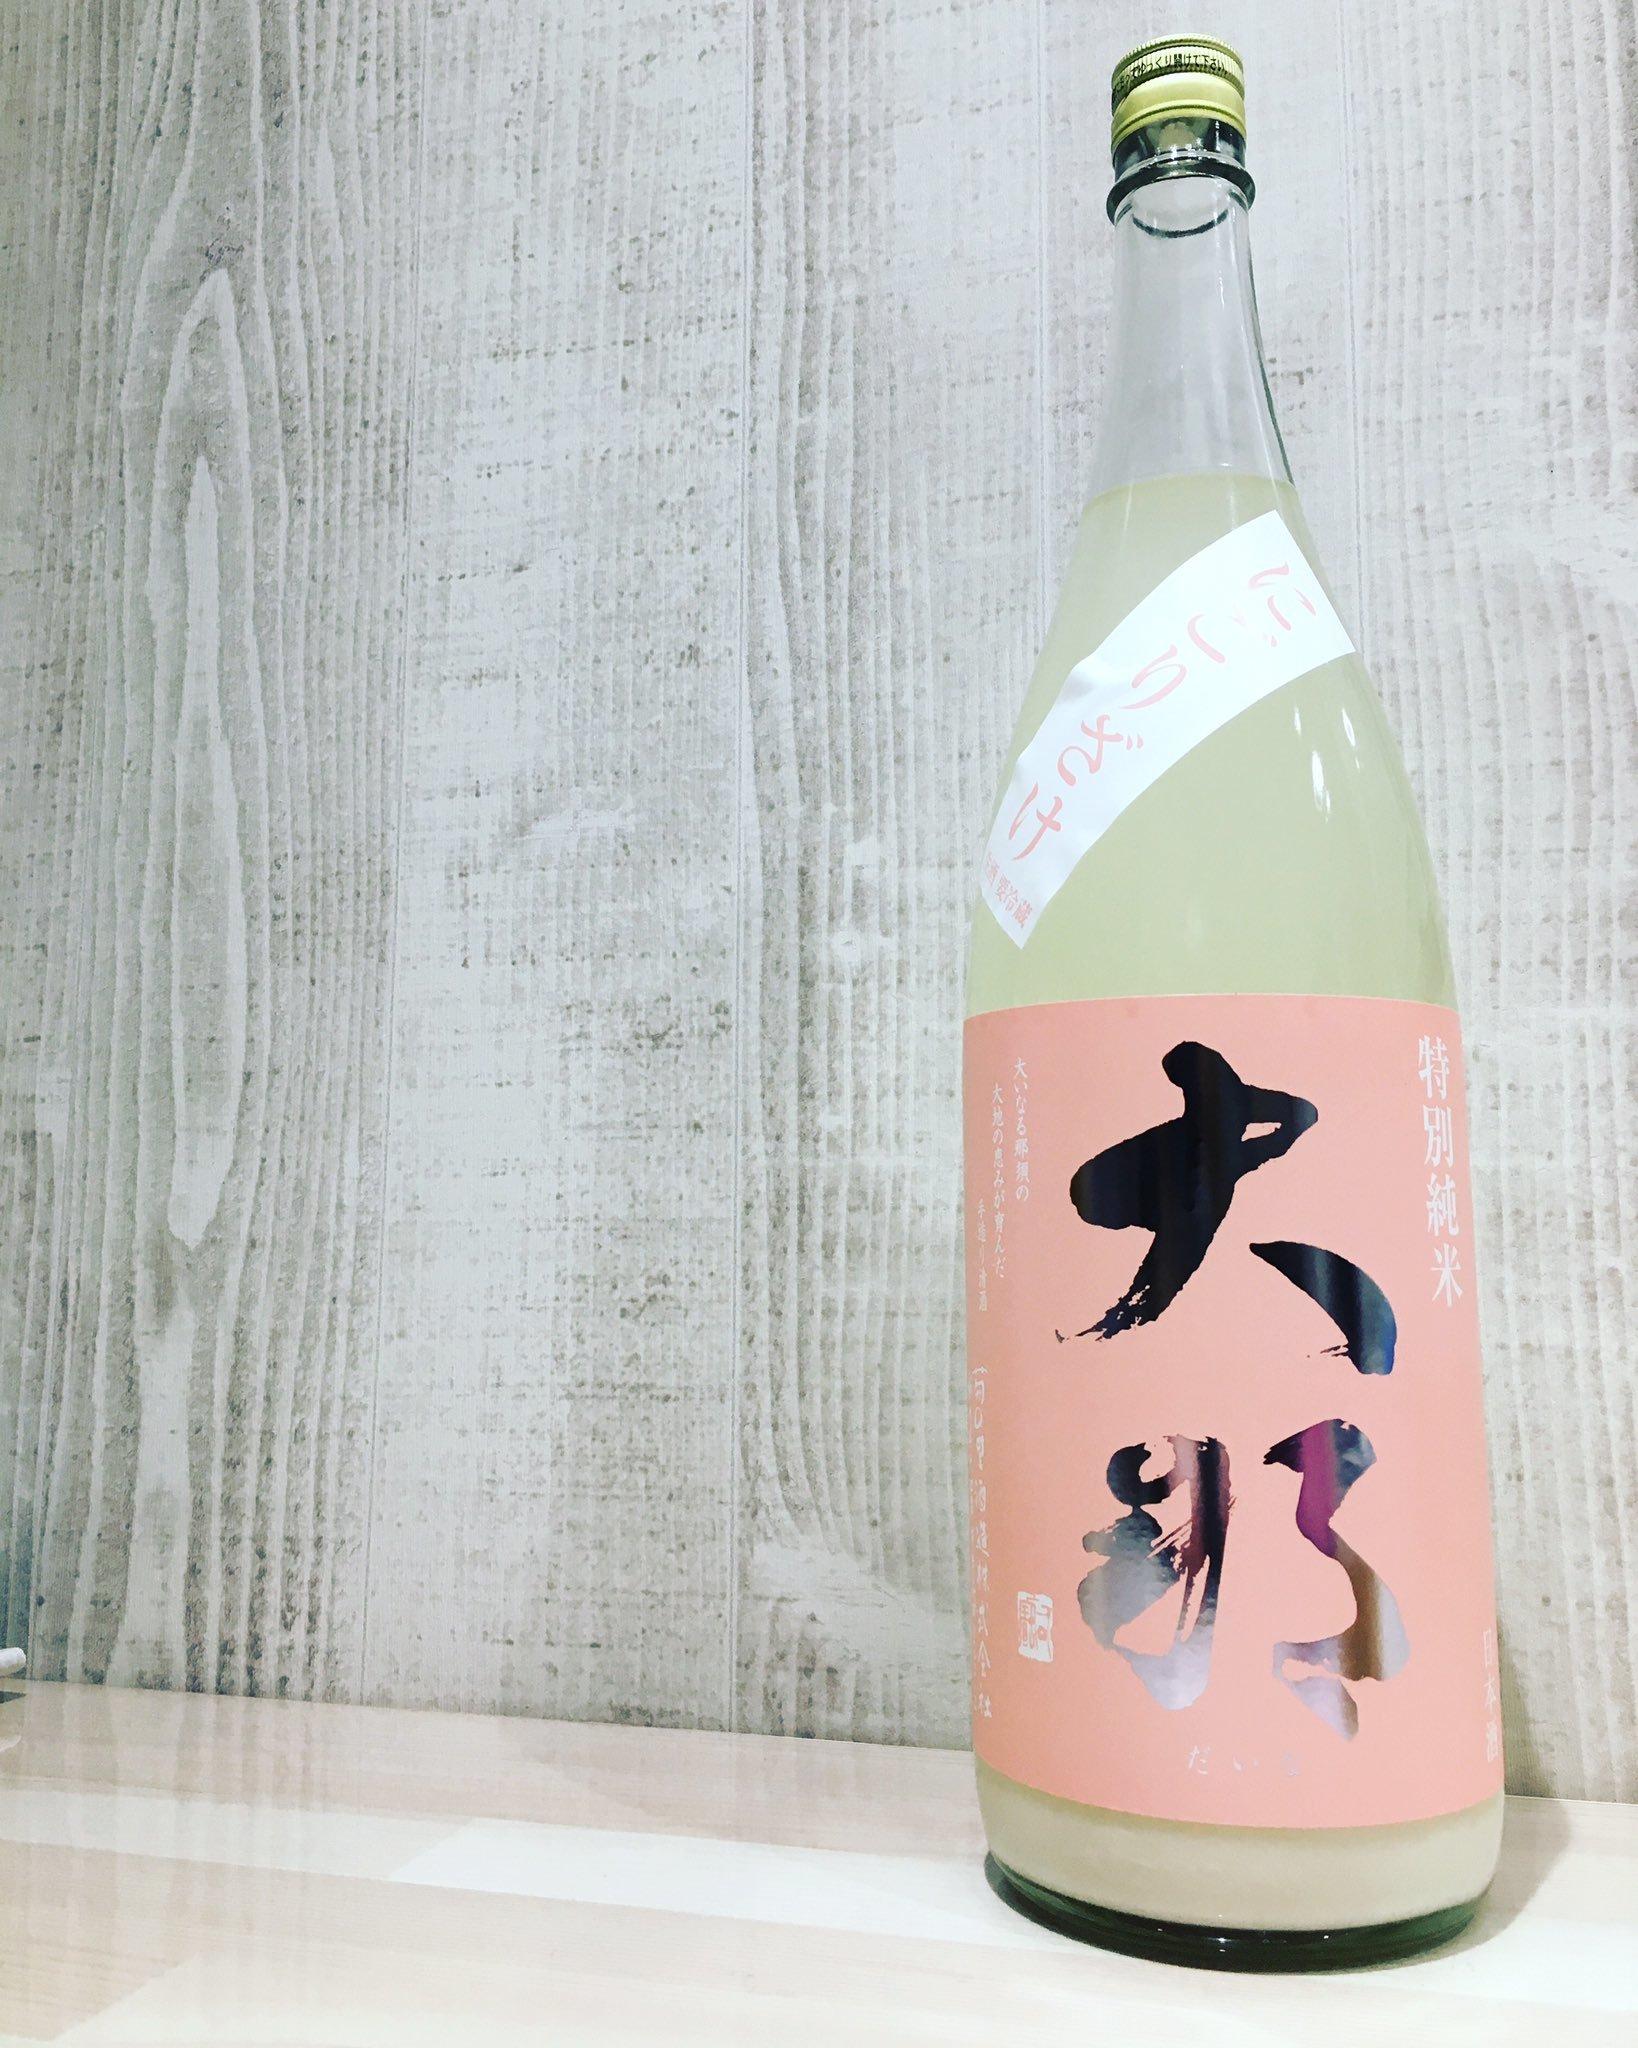 ピンク大那、3回目の入荷/田酒特別純米、年内ヤバいかも/やっぱり旨い会津娘片門/先行発売のスパークリング日本酒の状況_d0367608_16011637.jpg